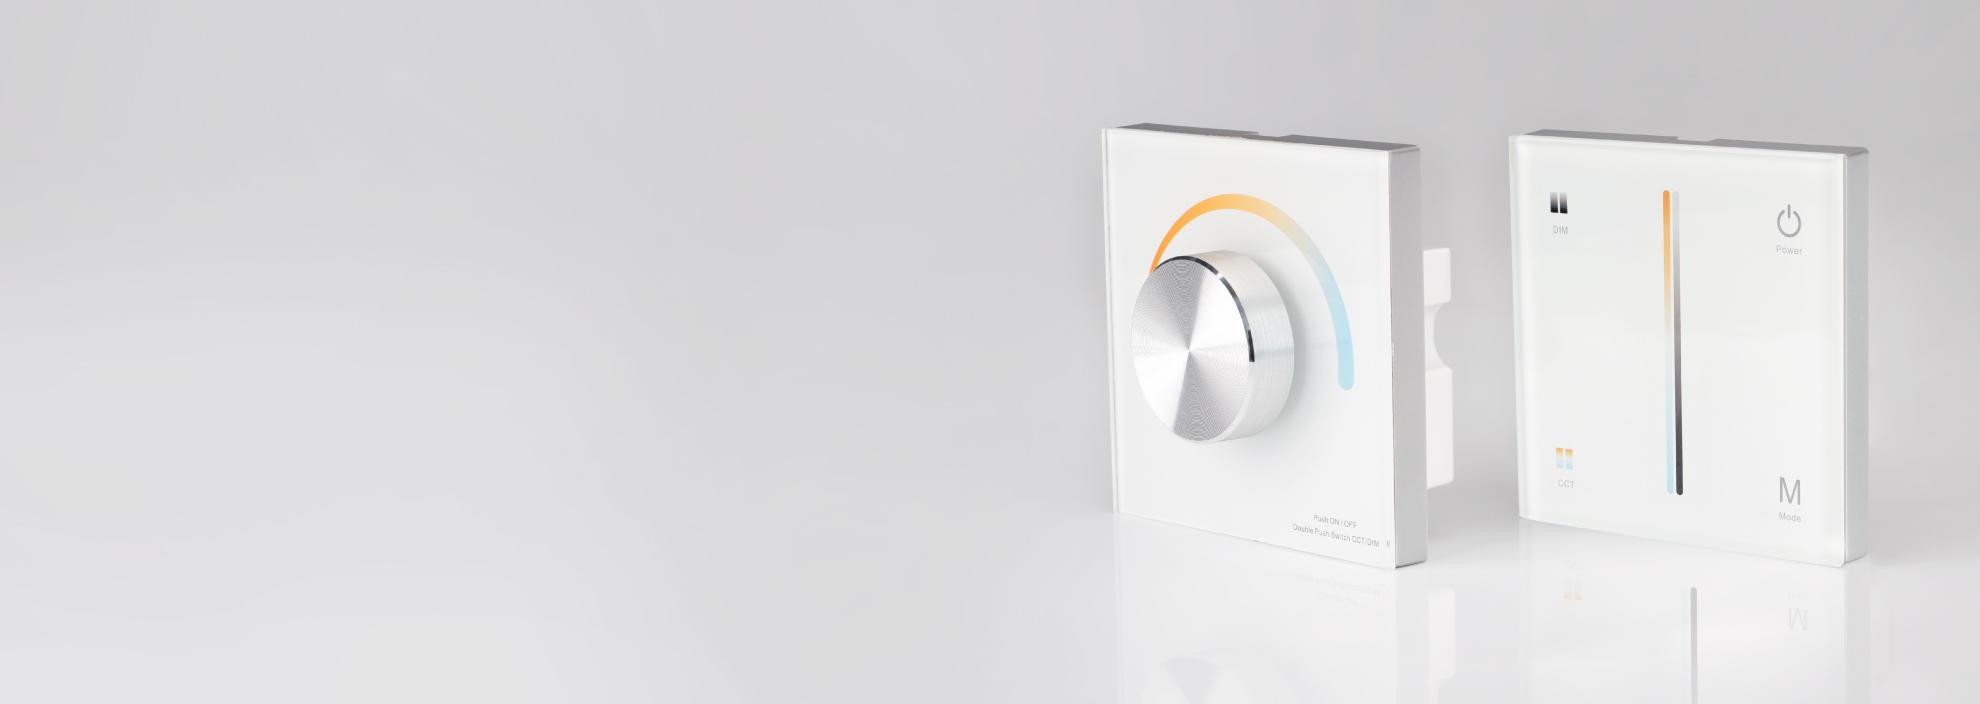 Контроллеры для управления температурой свечения